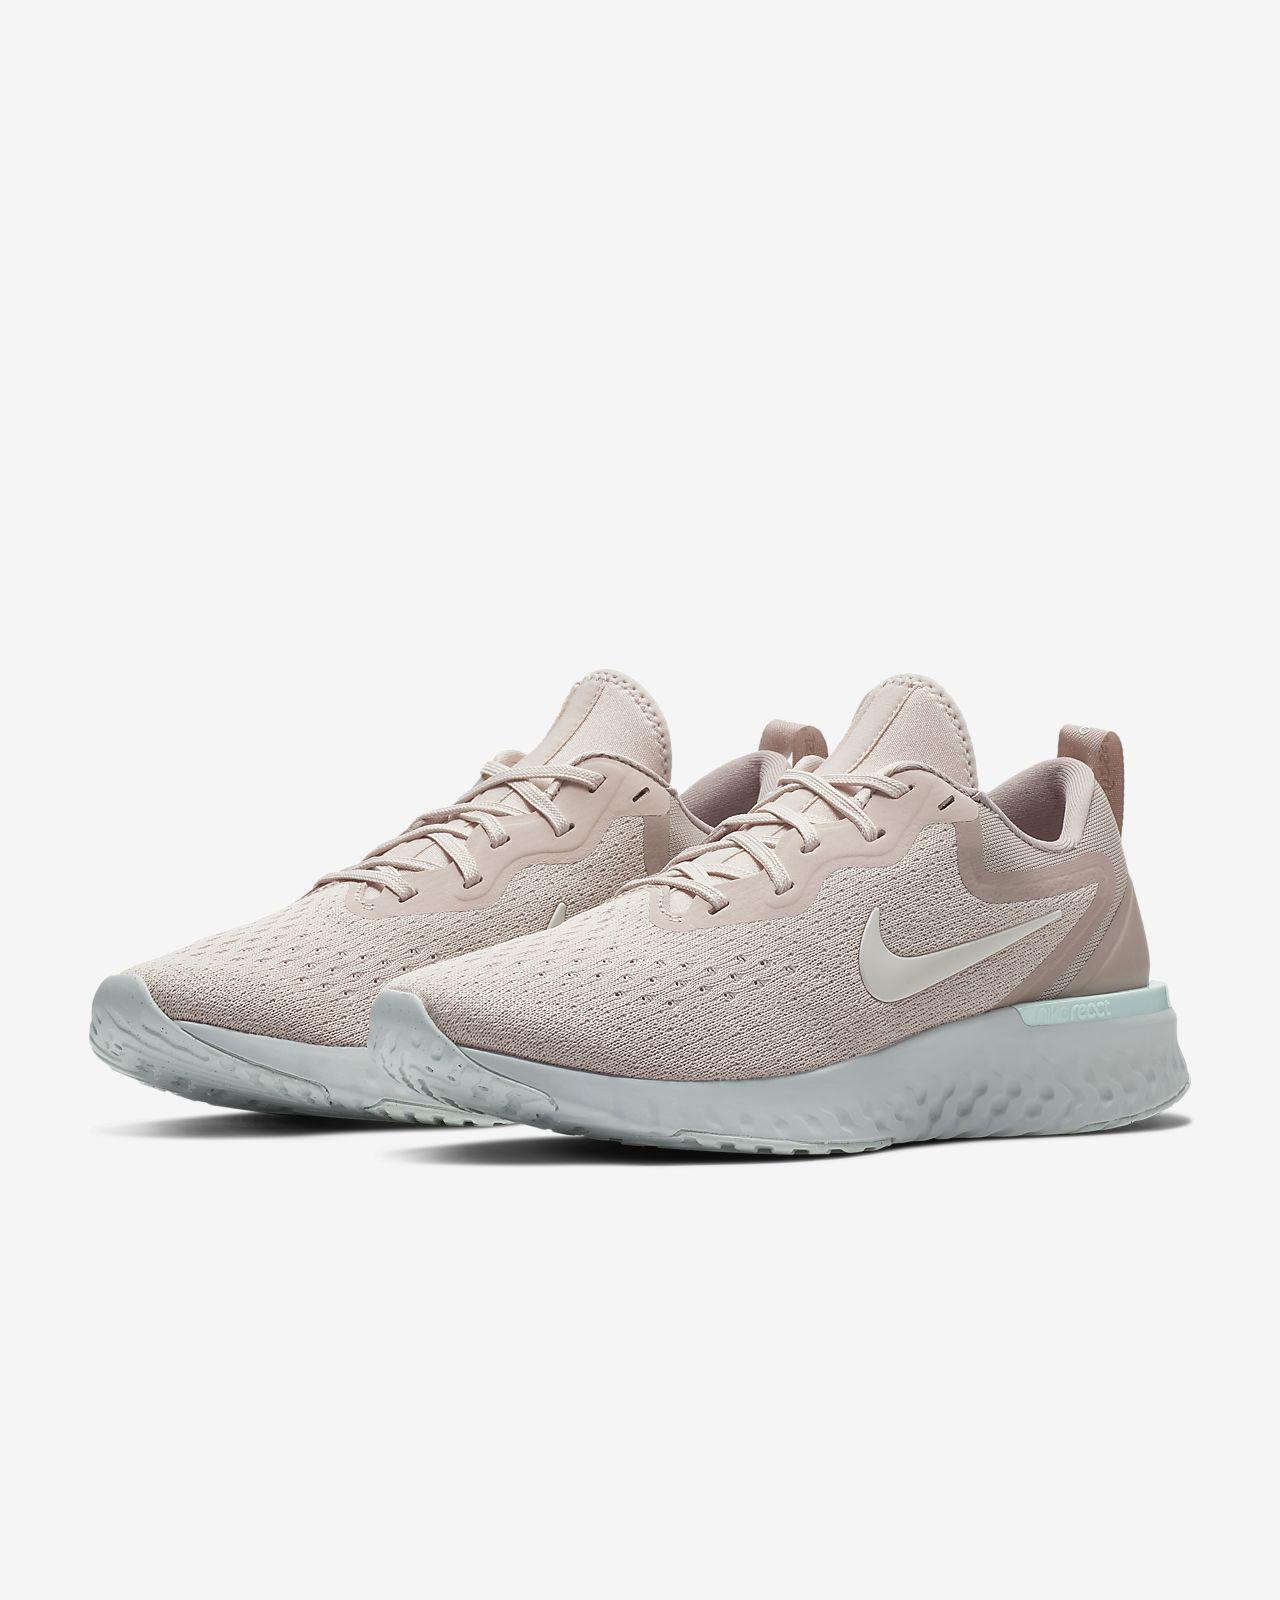 eedd04dc3d4 Nike Odyssey React Women s Running Shoe. Nike.com MY